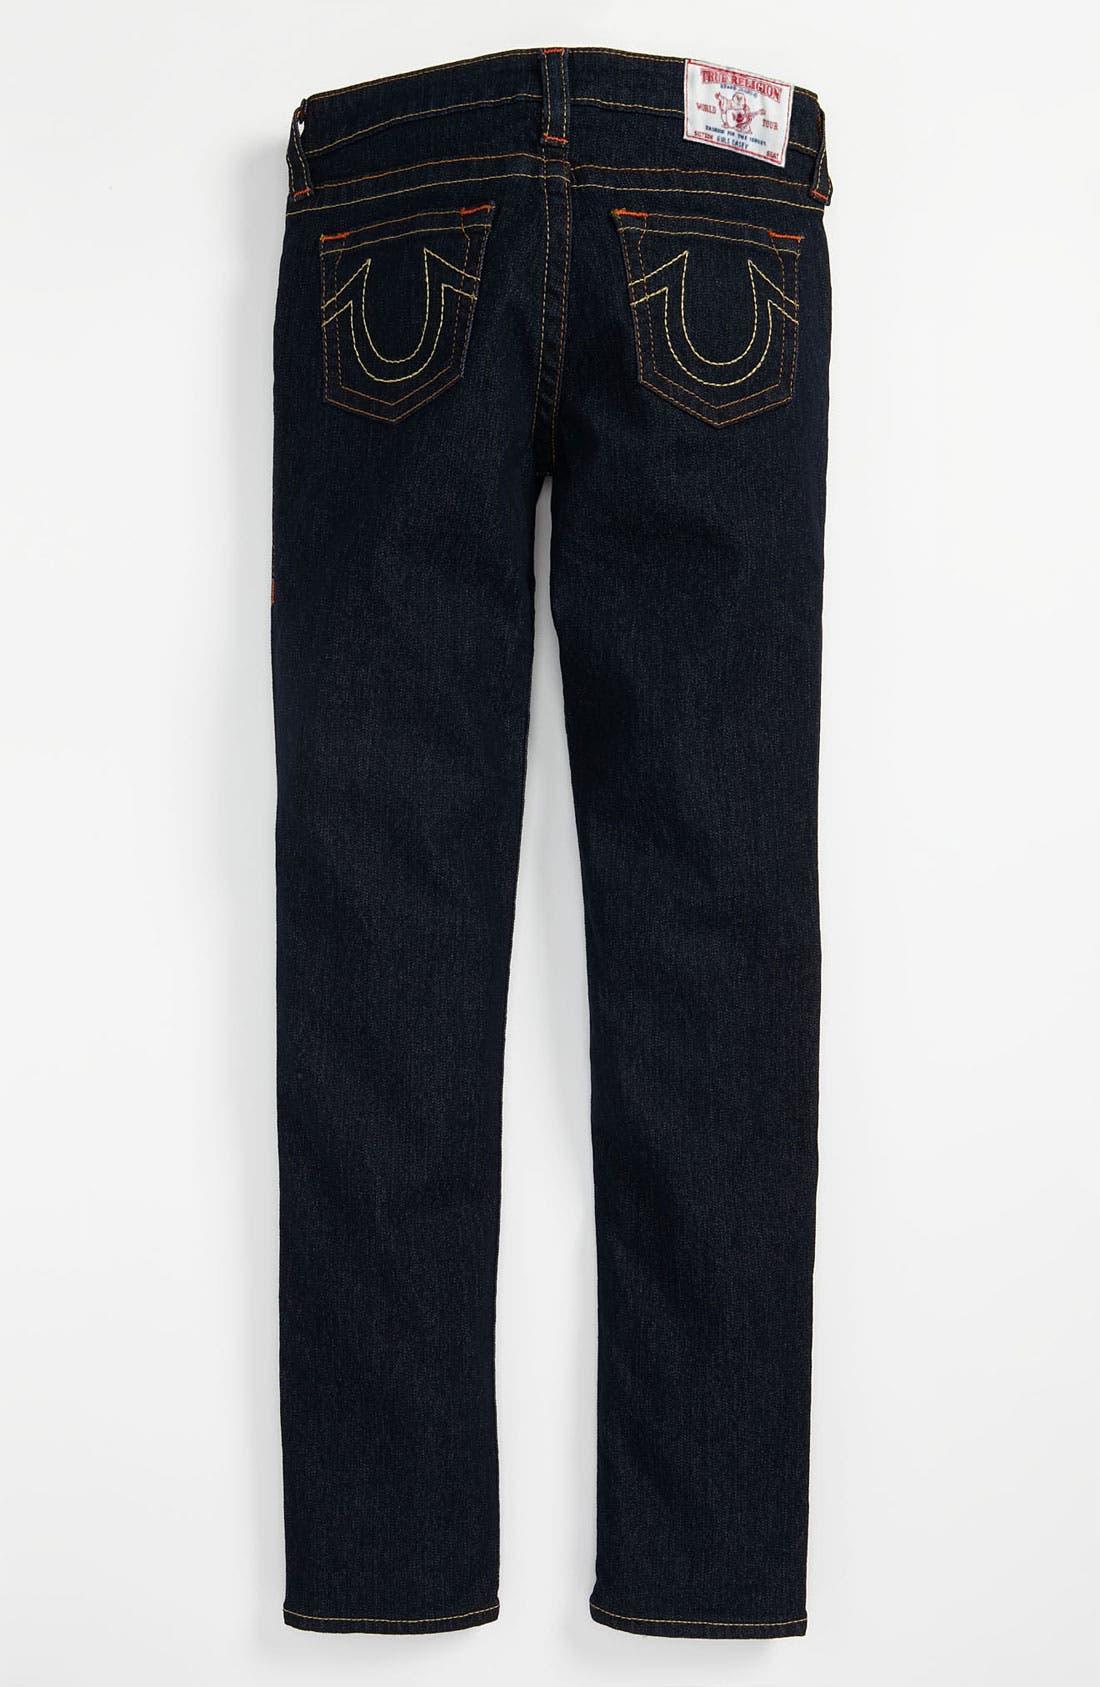 Alternate Image 1 Selected - True Religion Brand Jeans 'Casey' Denim Leggings (Big Girls)